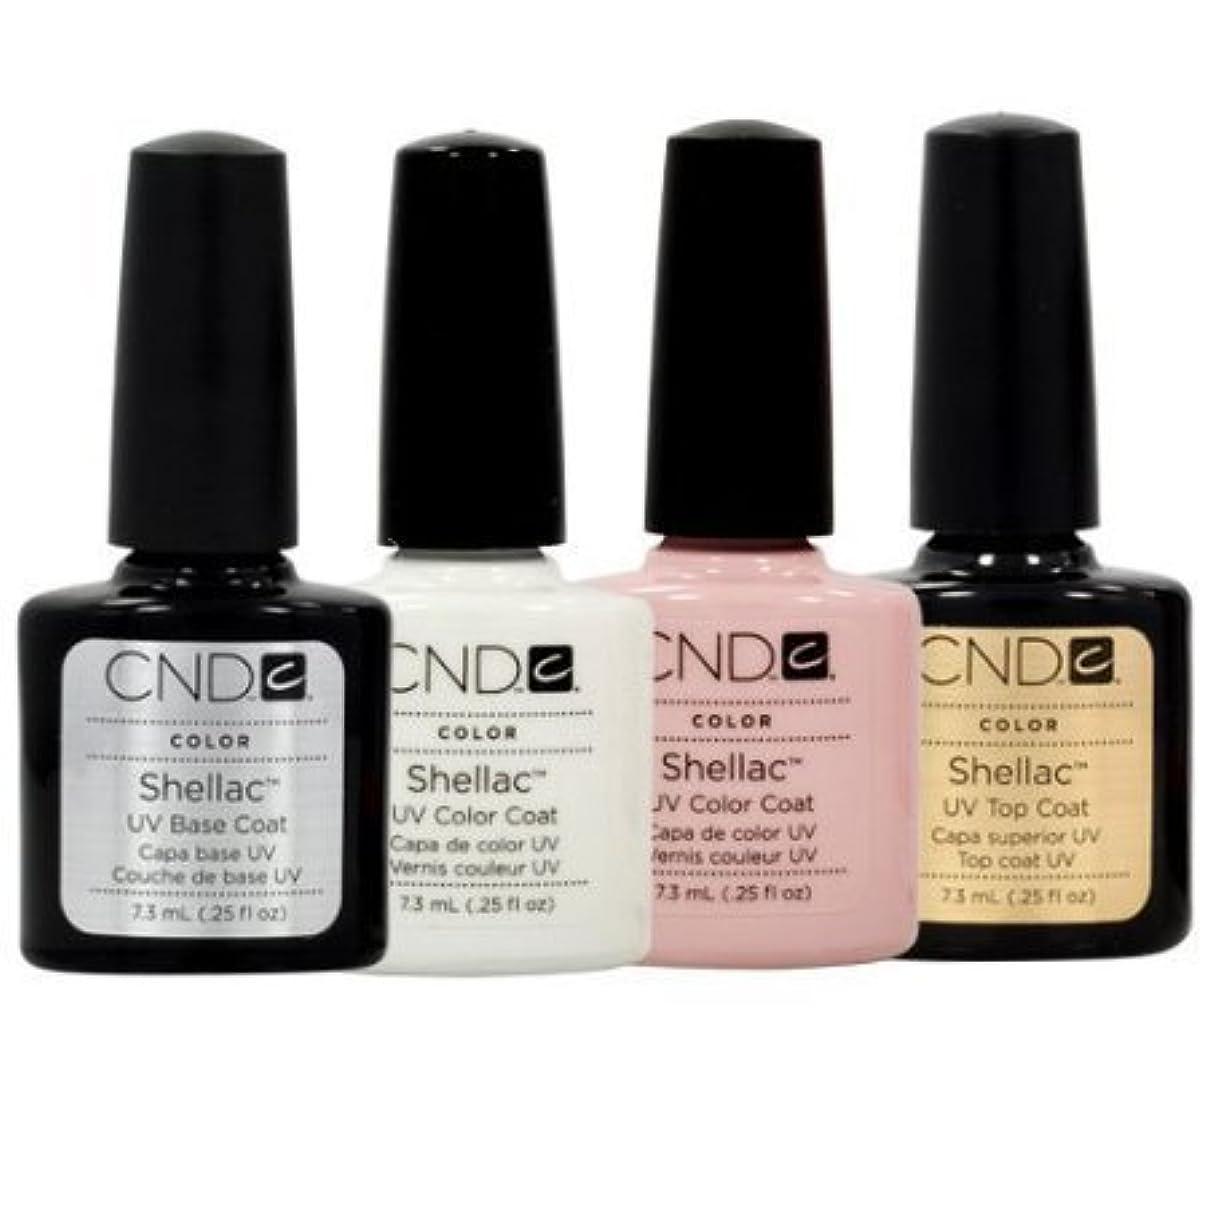 最終失望させるどうやらCND Shellac French Manicure Kit Base Top Coat Color White Pink Nail Polish Gel by CND - Creative Nail Design [並行輸入品]